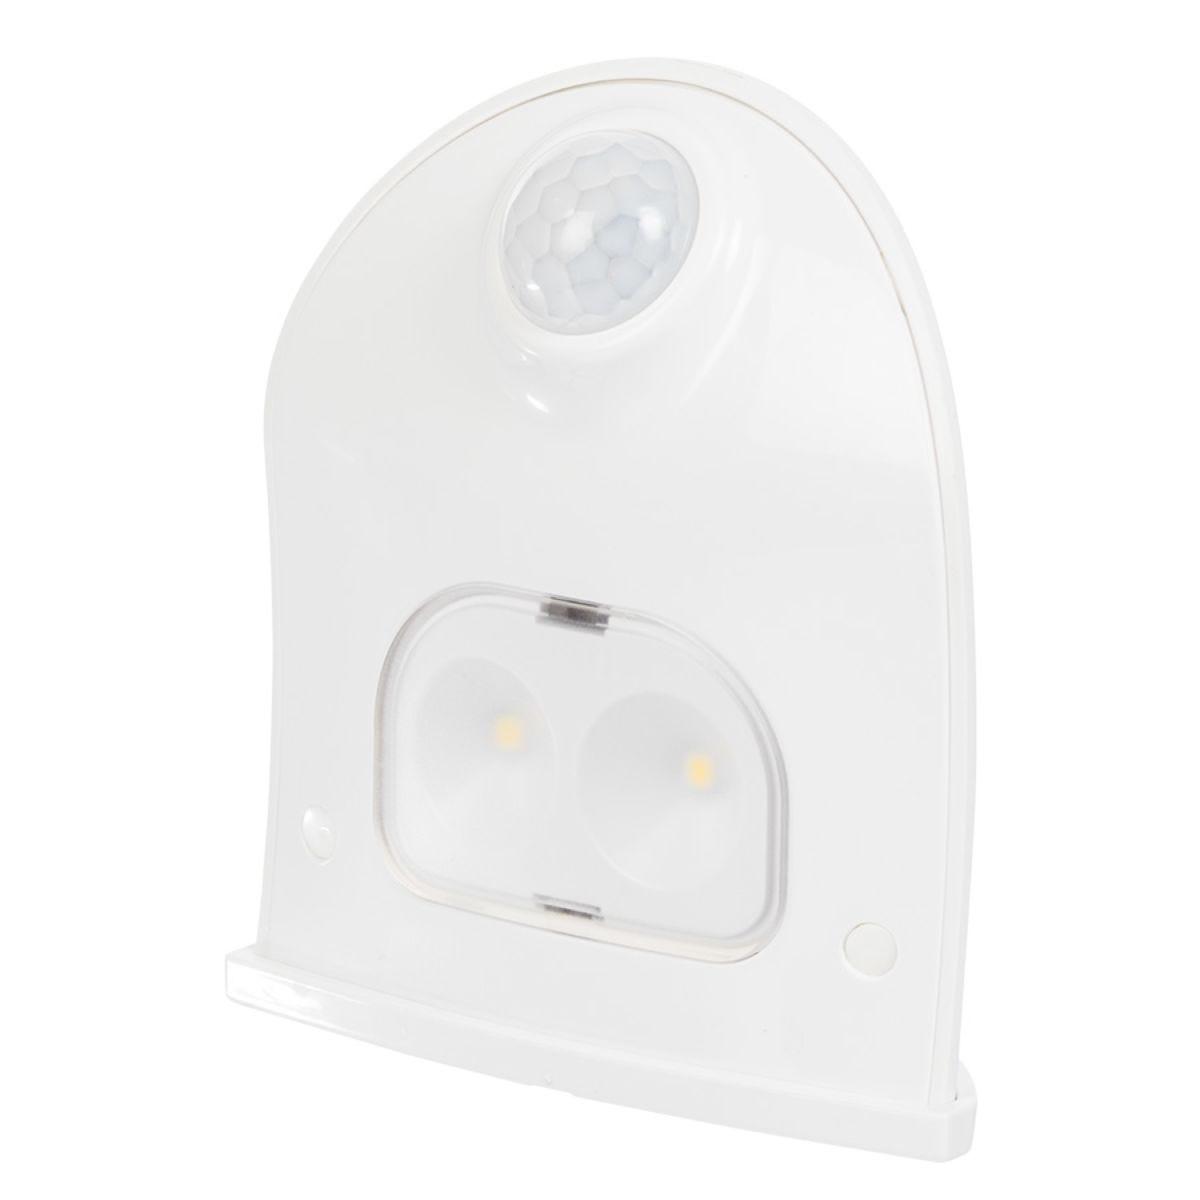 Osram Door LED Light - White